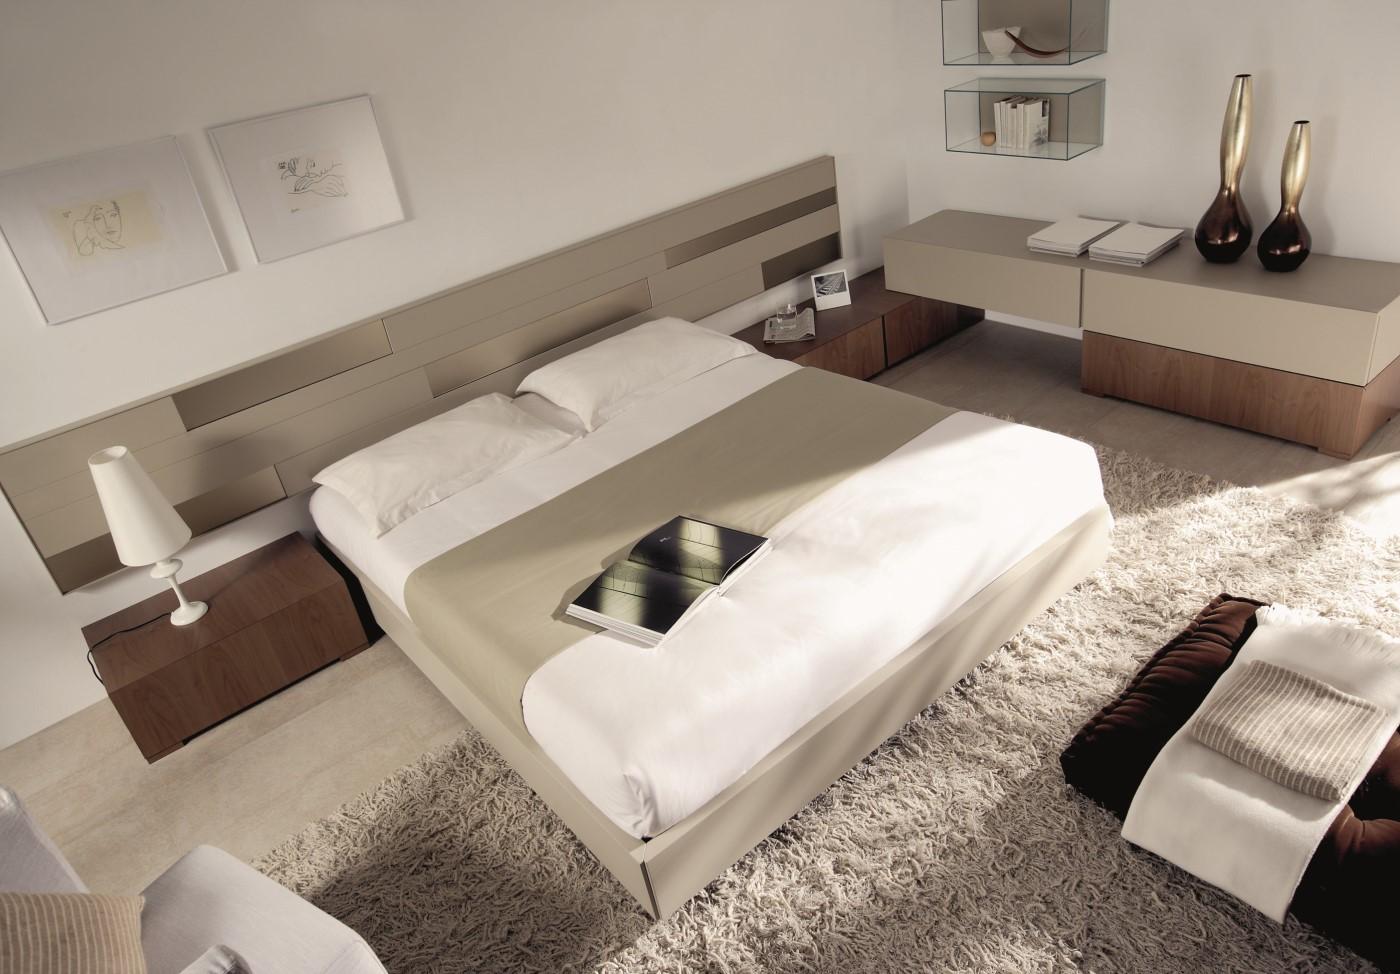 Dormitorios y camas modernos de calidad online en valencia - Muebles para dormitorio matrimonial ...